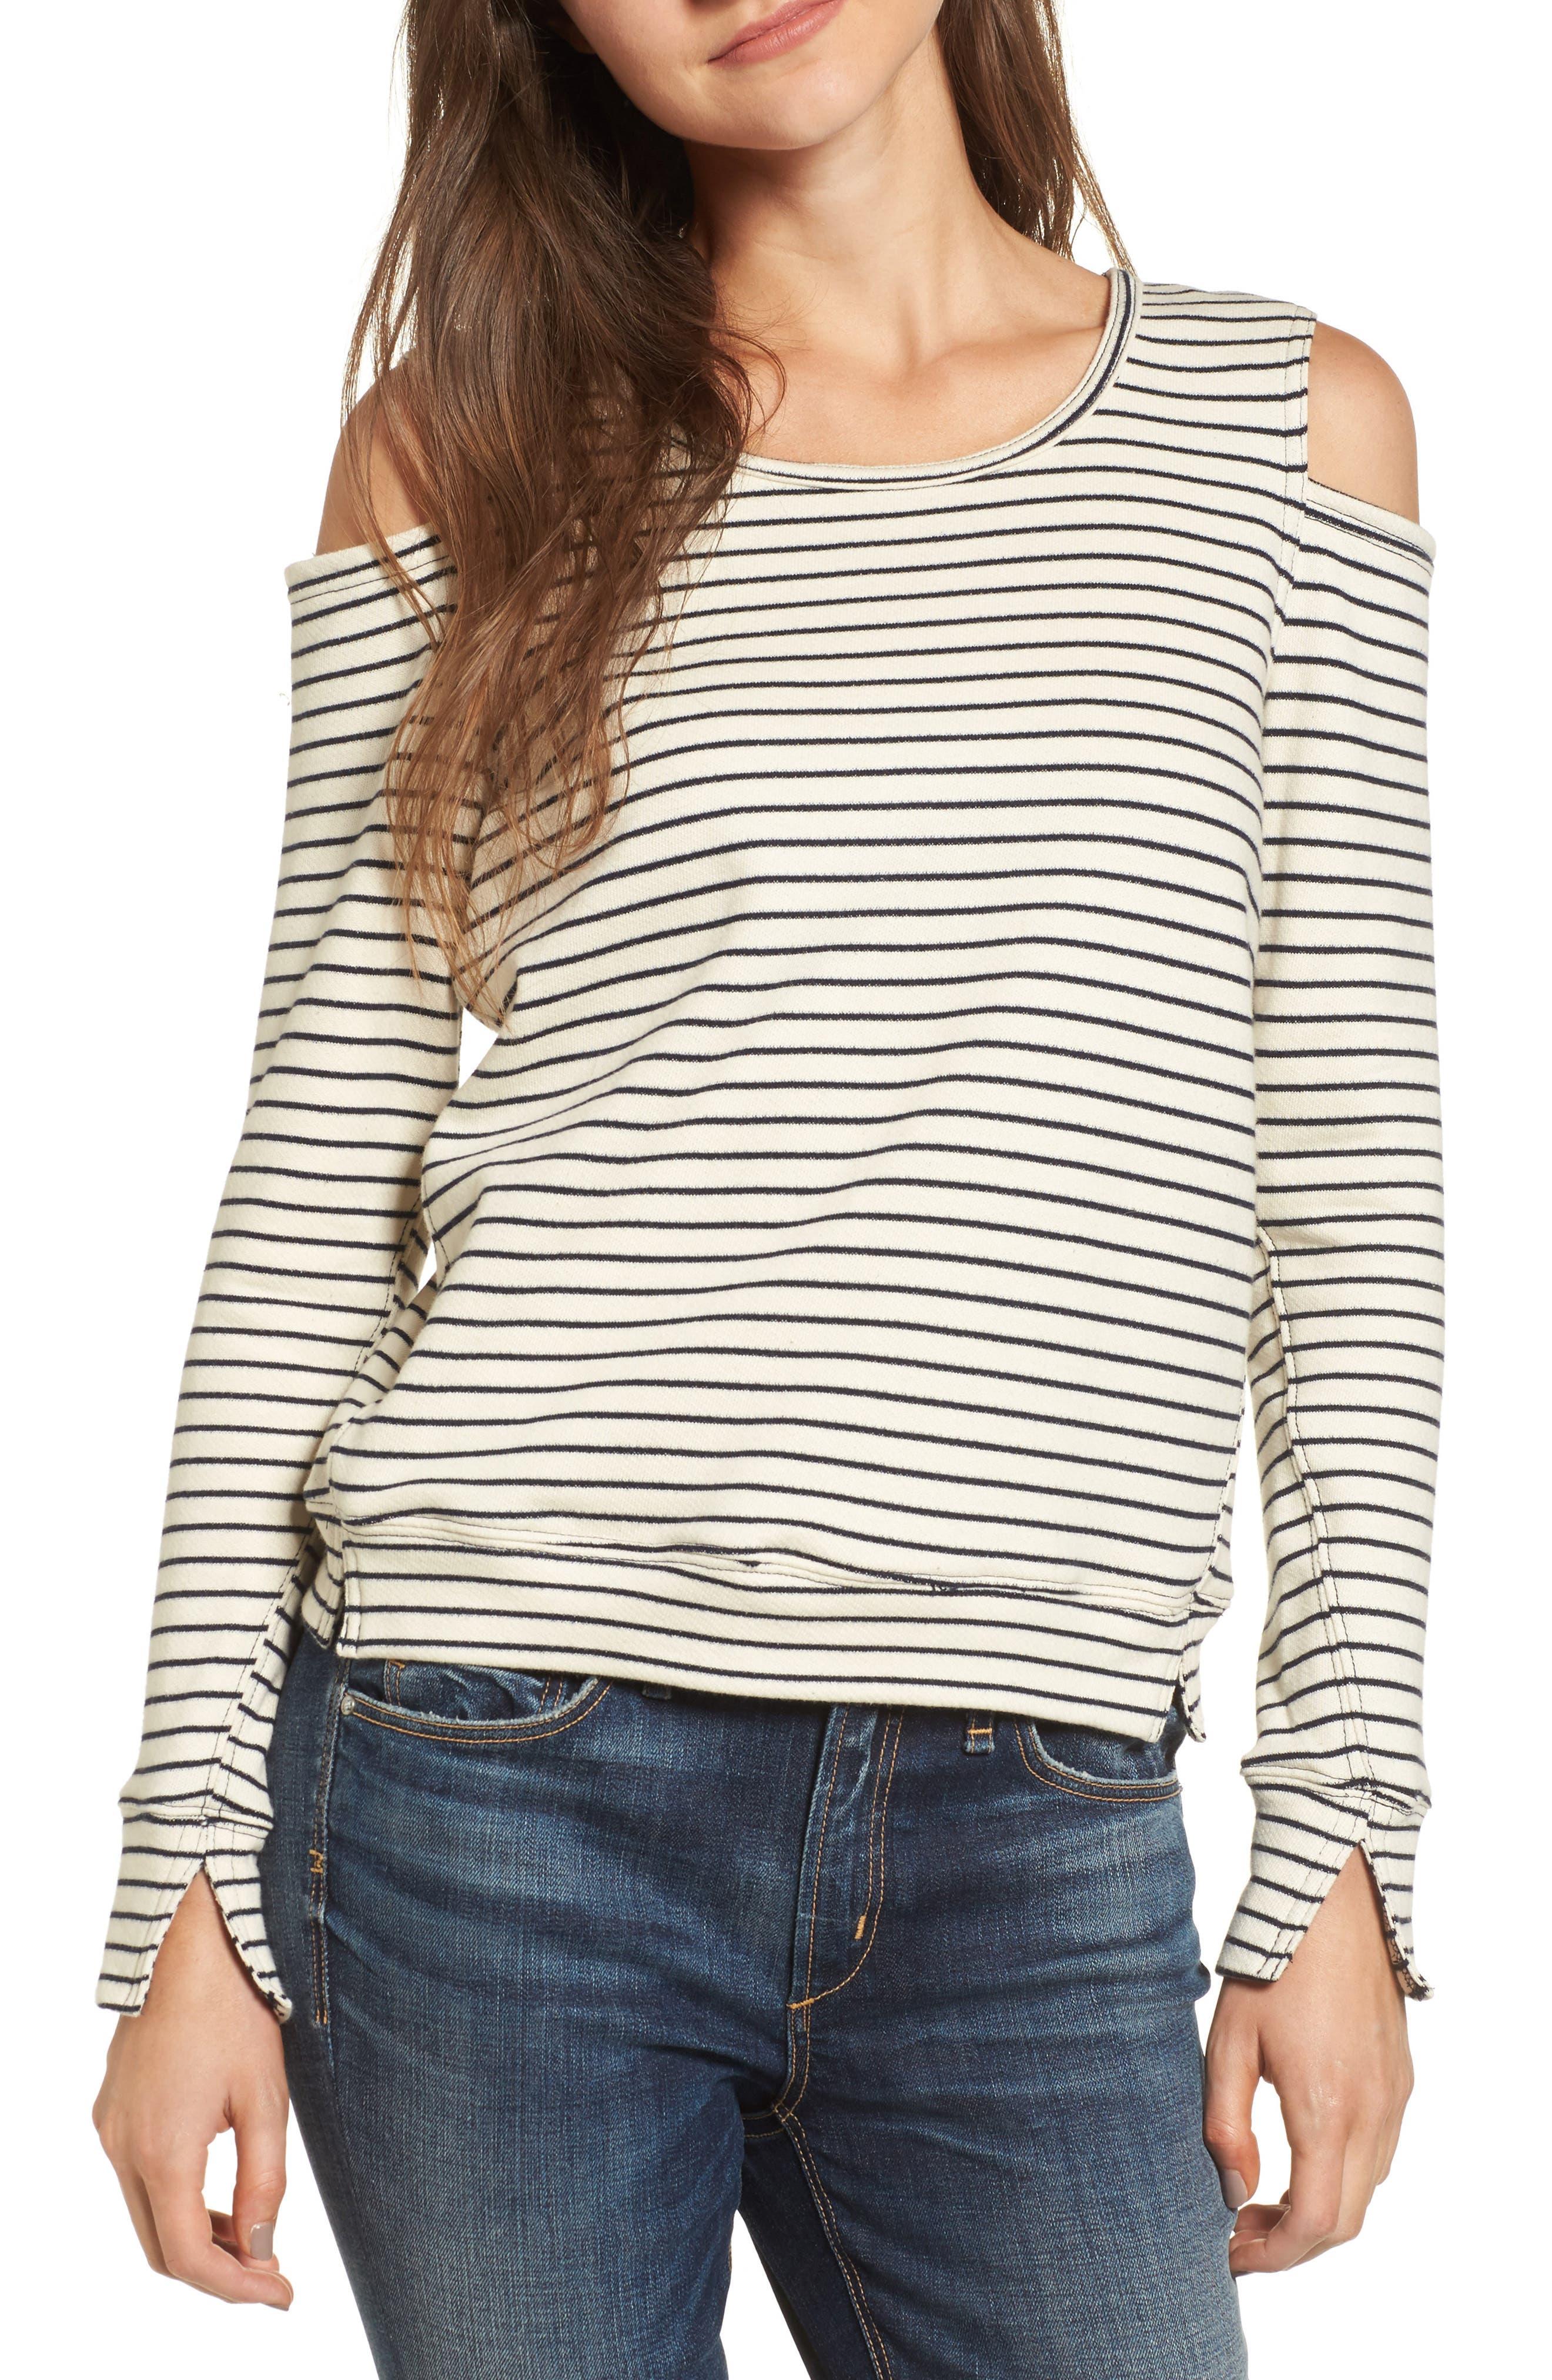 Wildair Cold Shoulder Sweatshirt,                         Main,                         color, 460